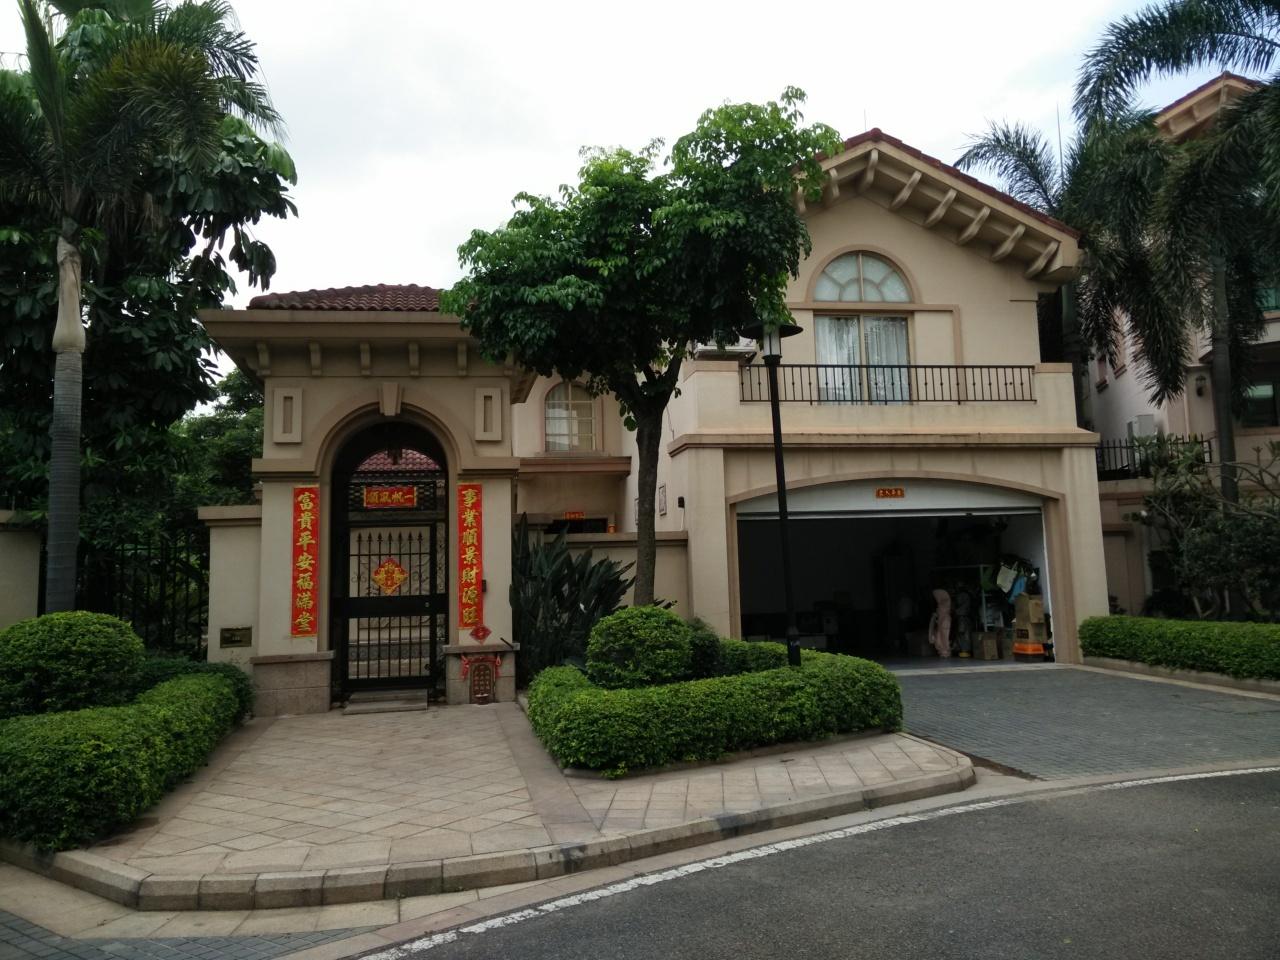 广州绿茵岛水岸别墅外景图